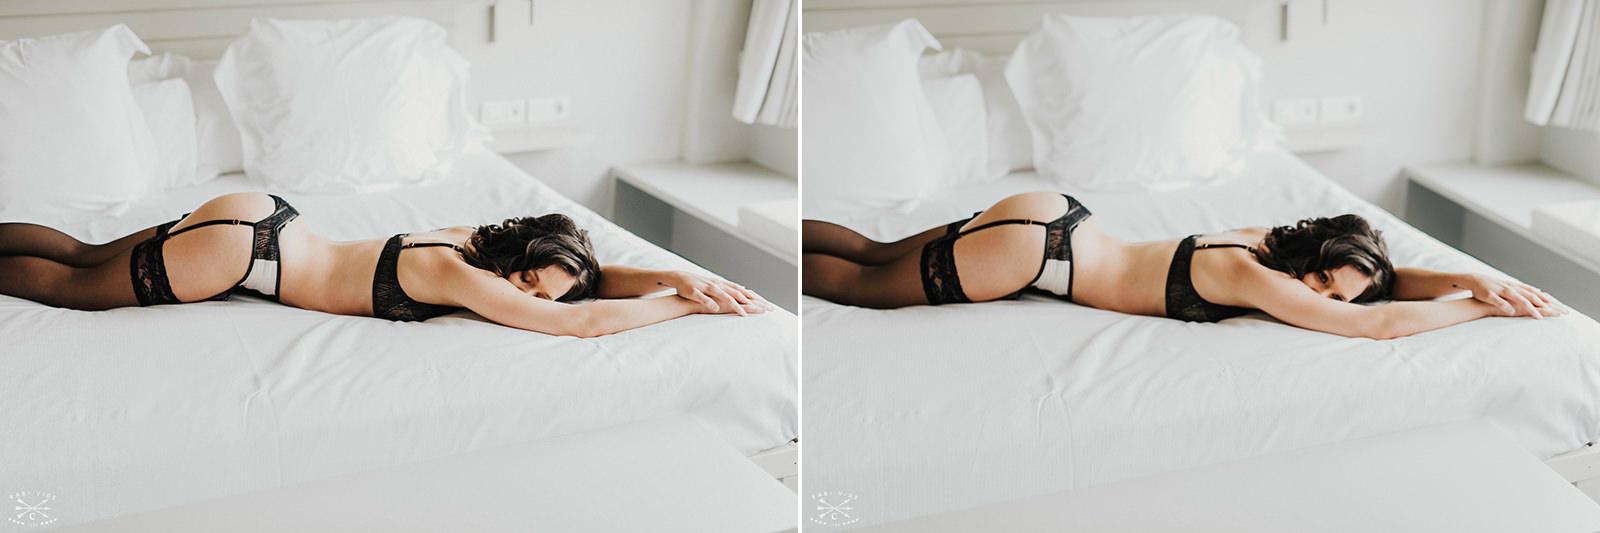 pilar_boudoir_xabivide-24